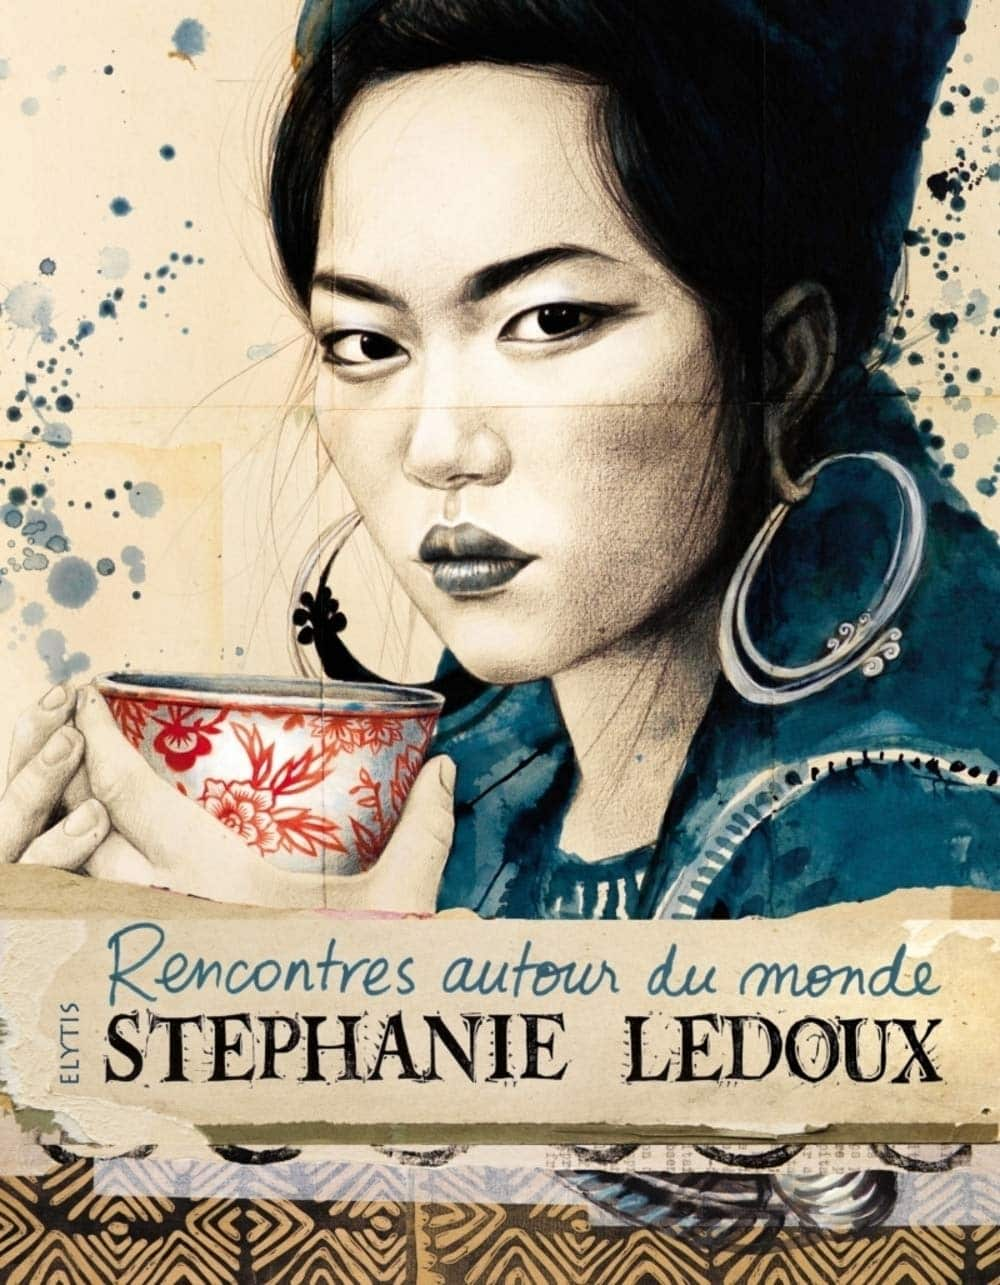 Rencontres autour du monde, de Stéphanie Ledoux